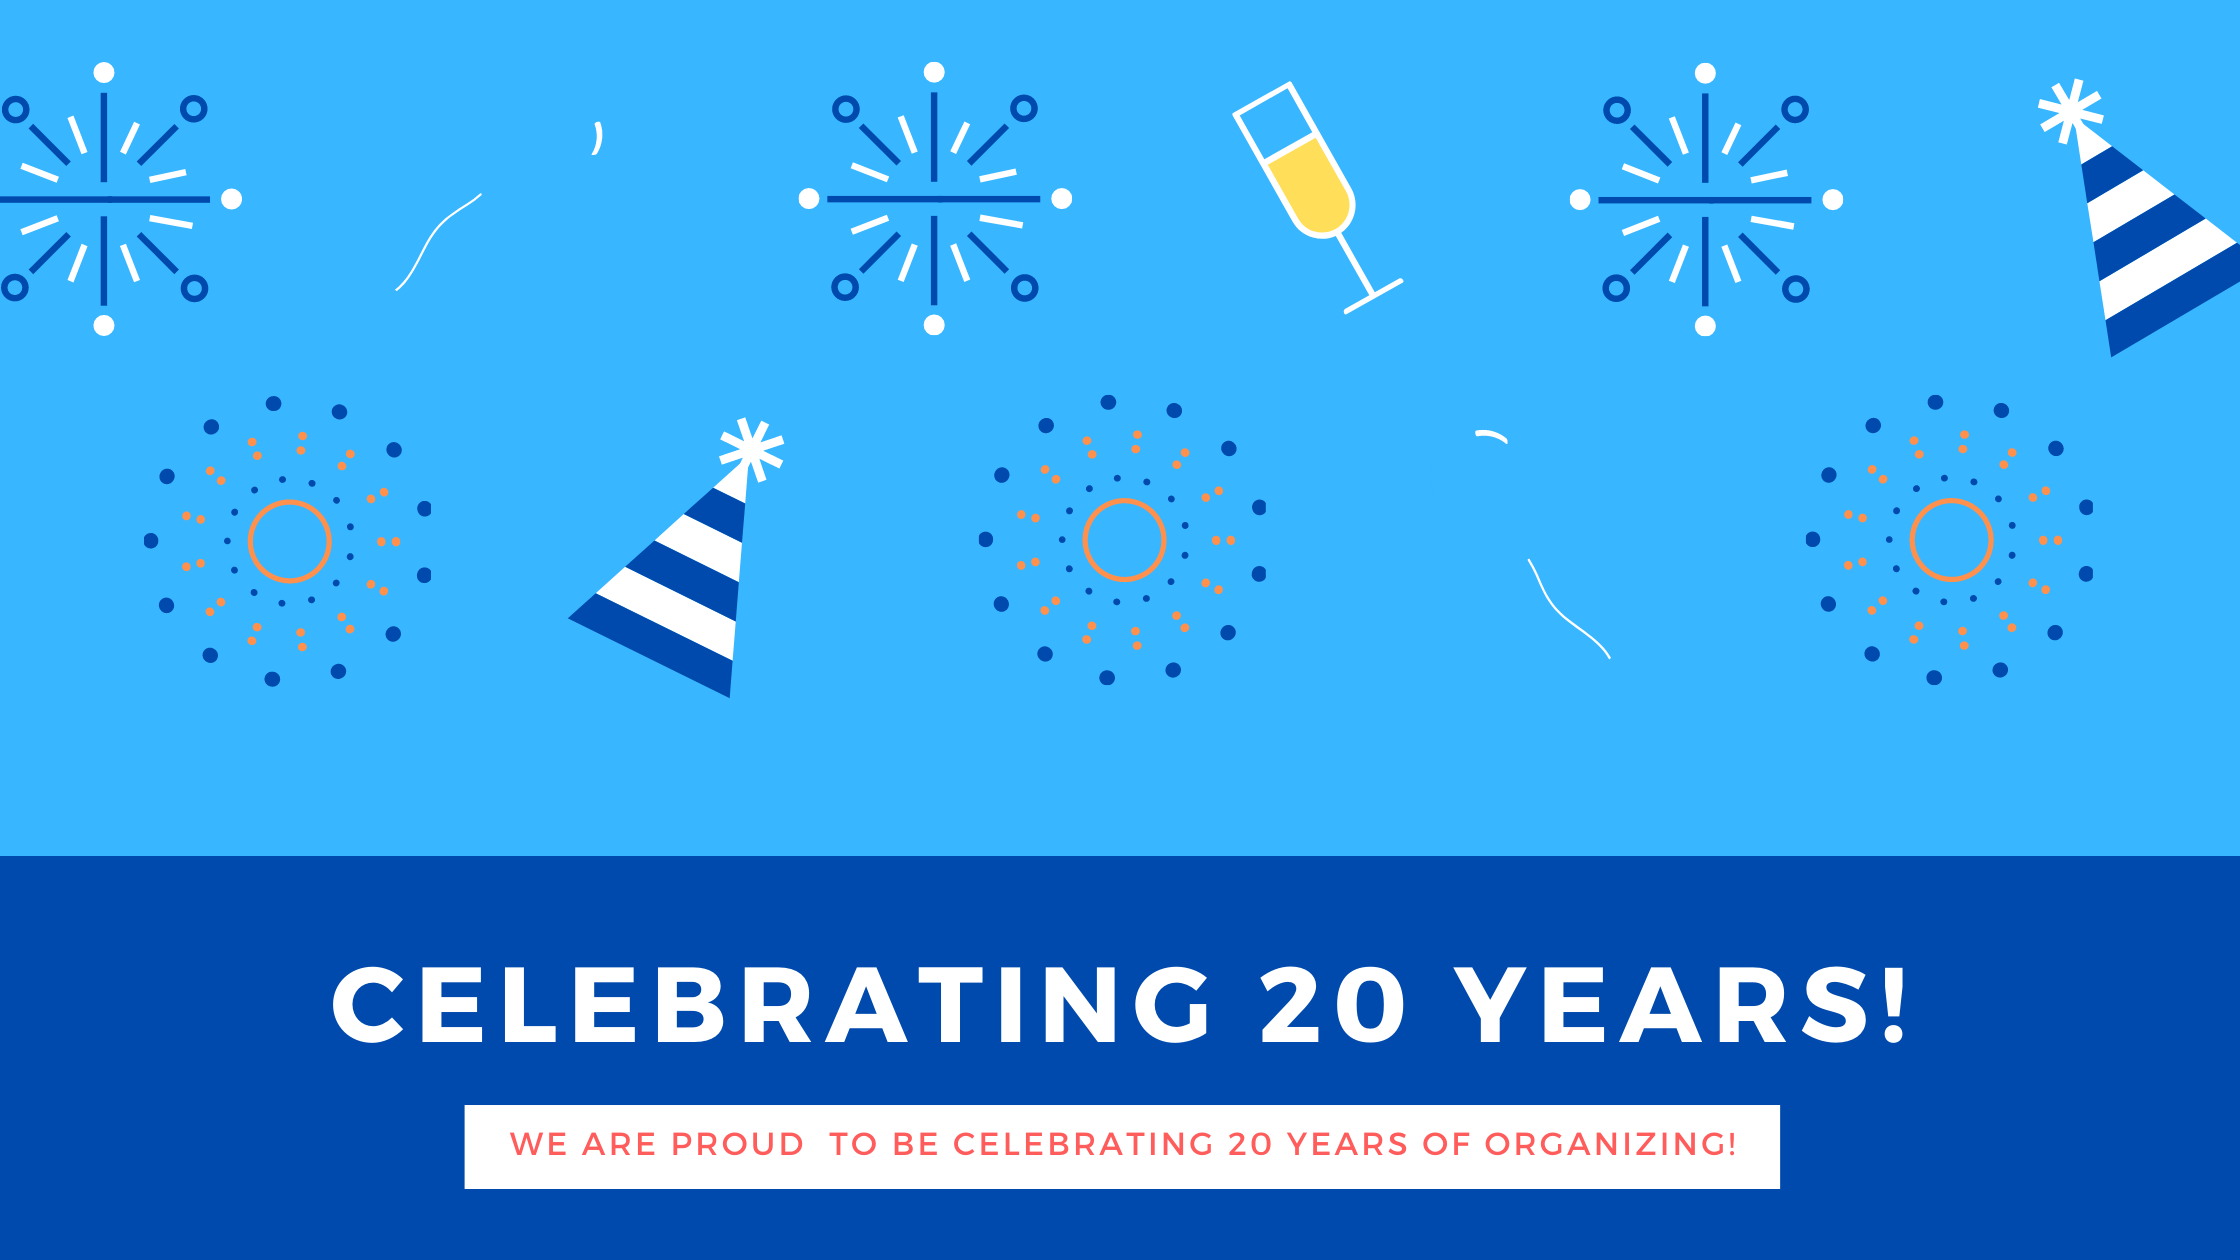 Celebrating 20 Years of Organizing!